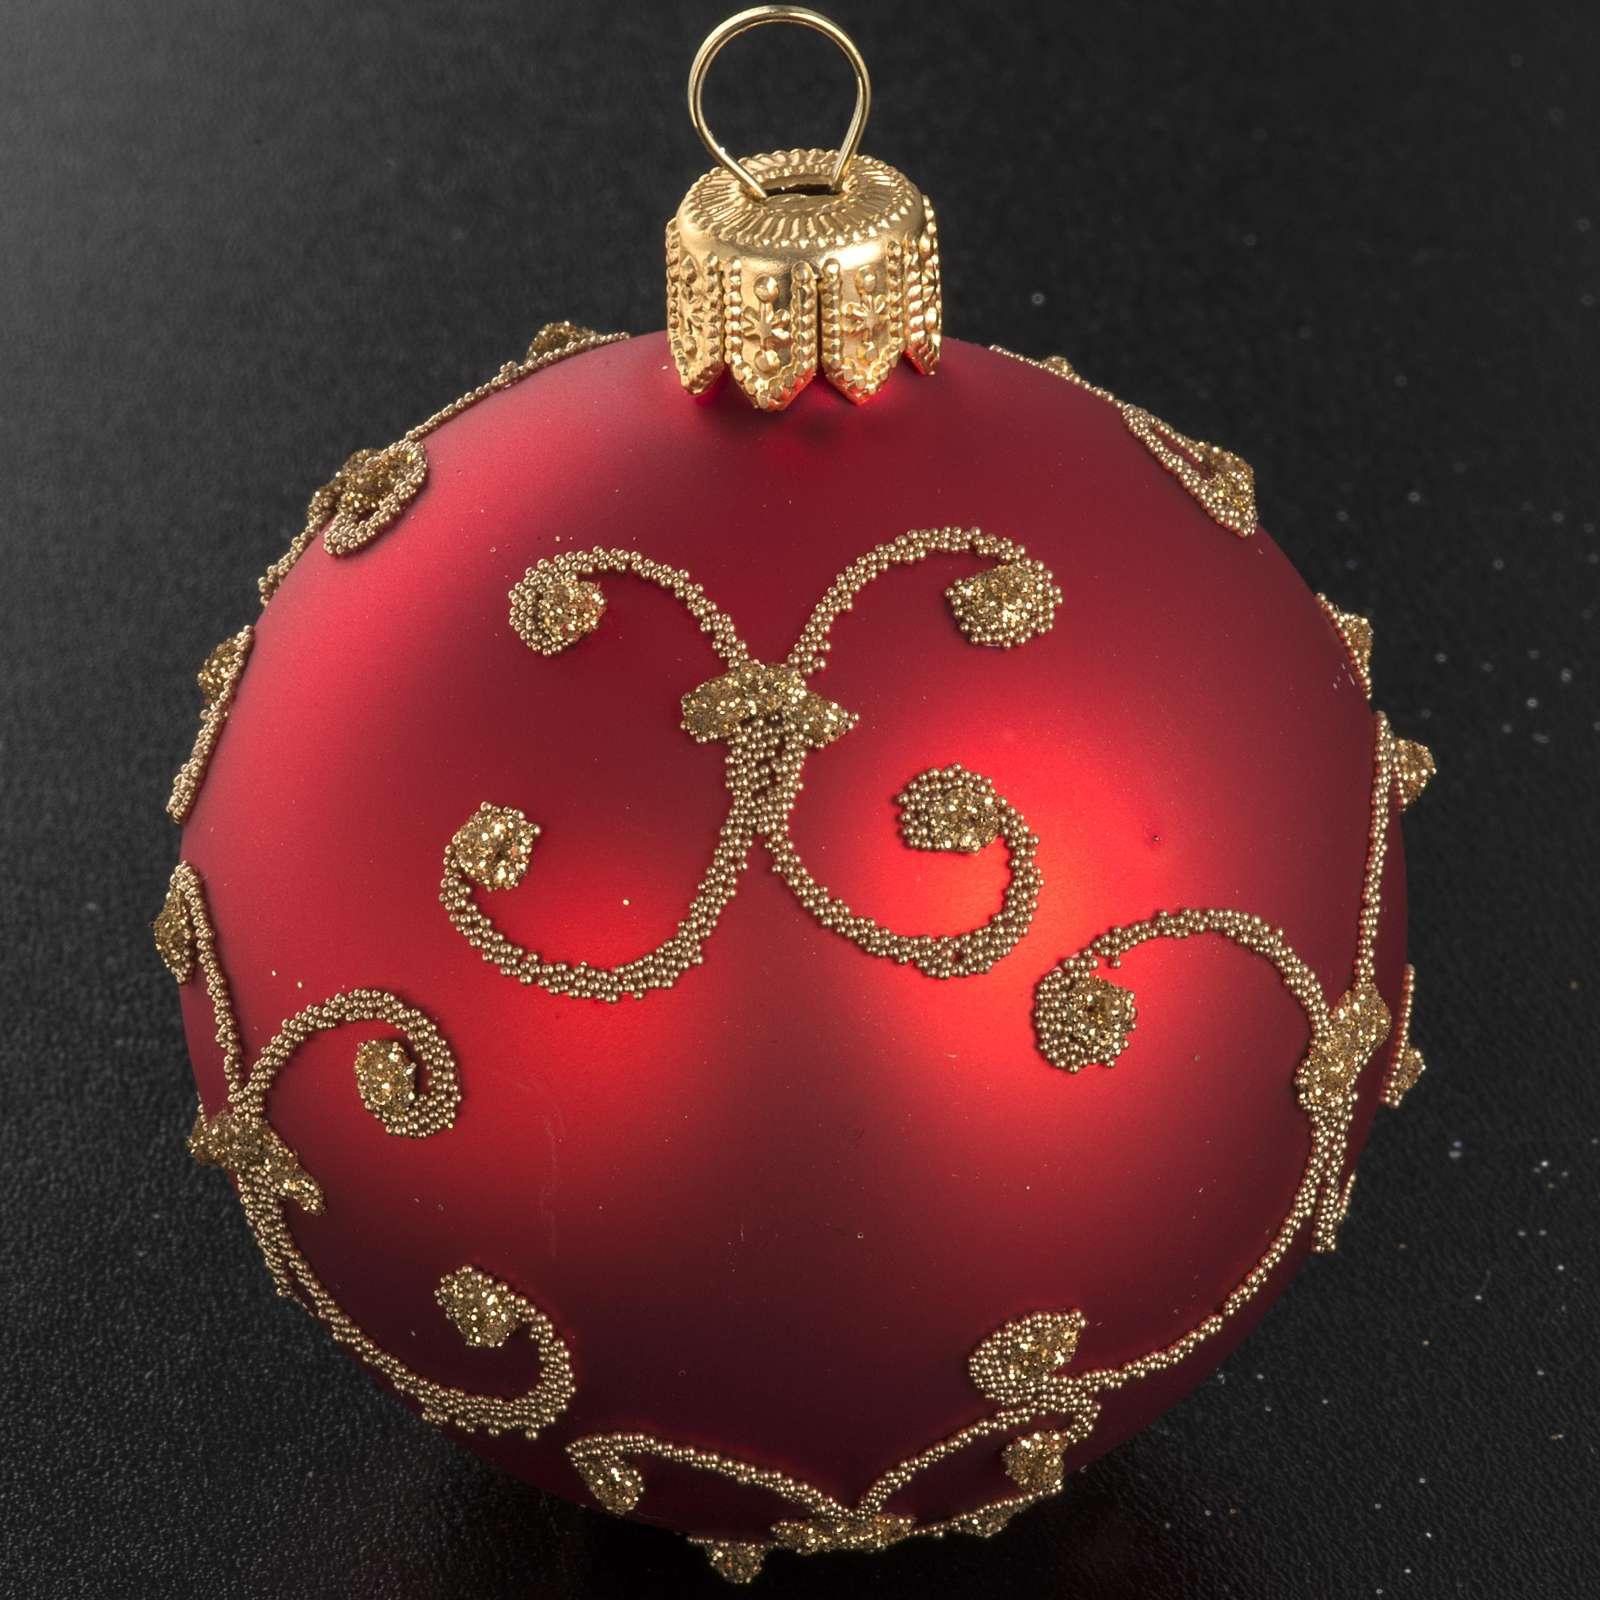 Addobbo albero vetro rosso decori oro 6 cm 4